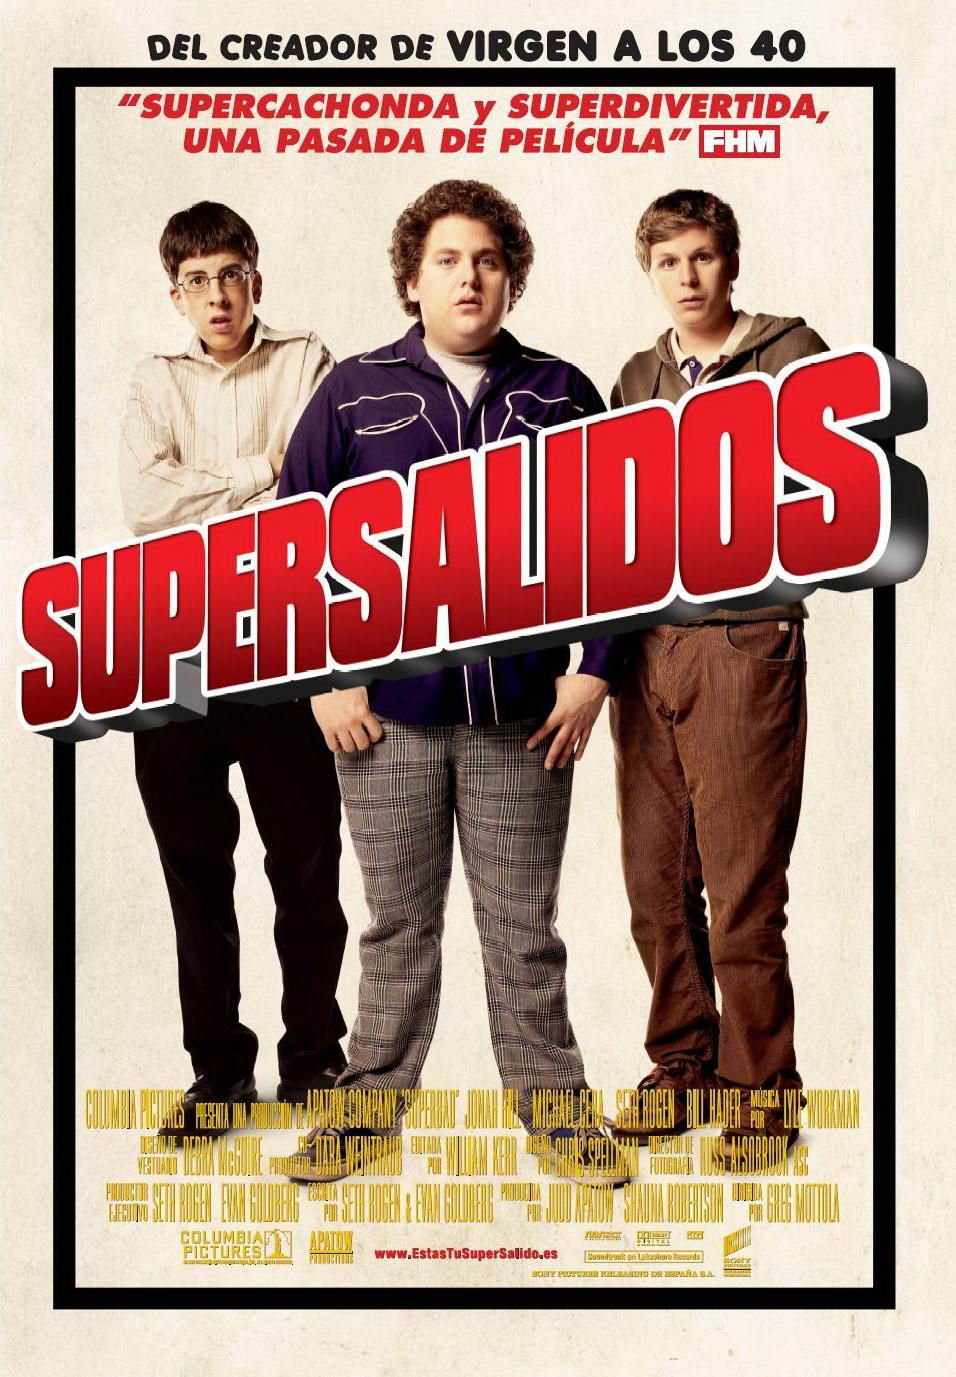 Supersalidos Películas Para Adolescentes Películas De Adolescentes Supersalidos